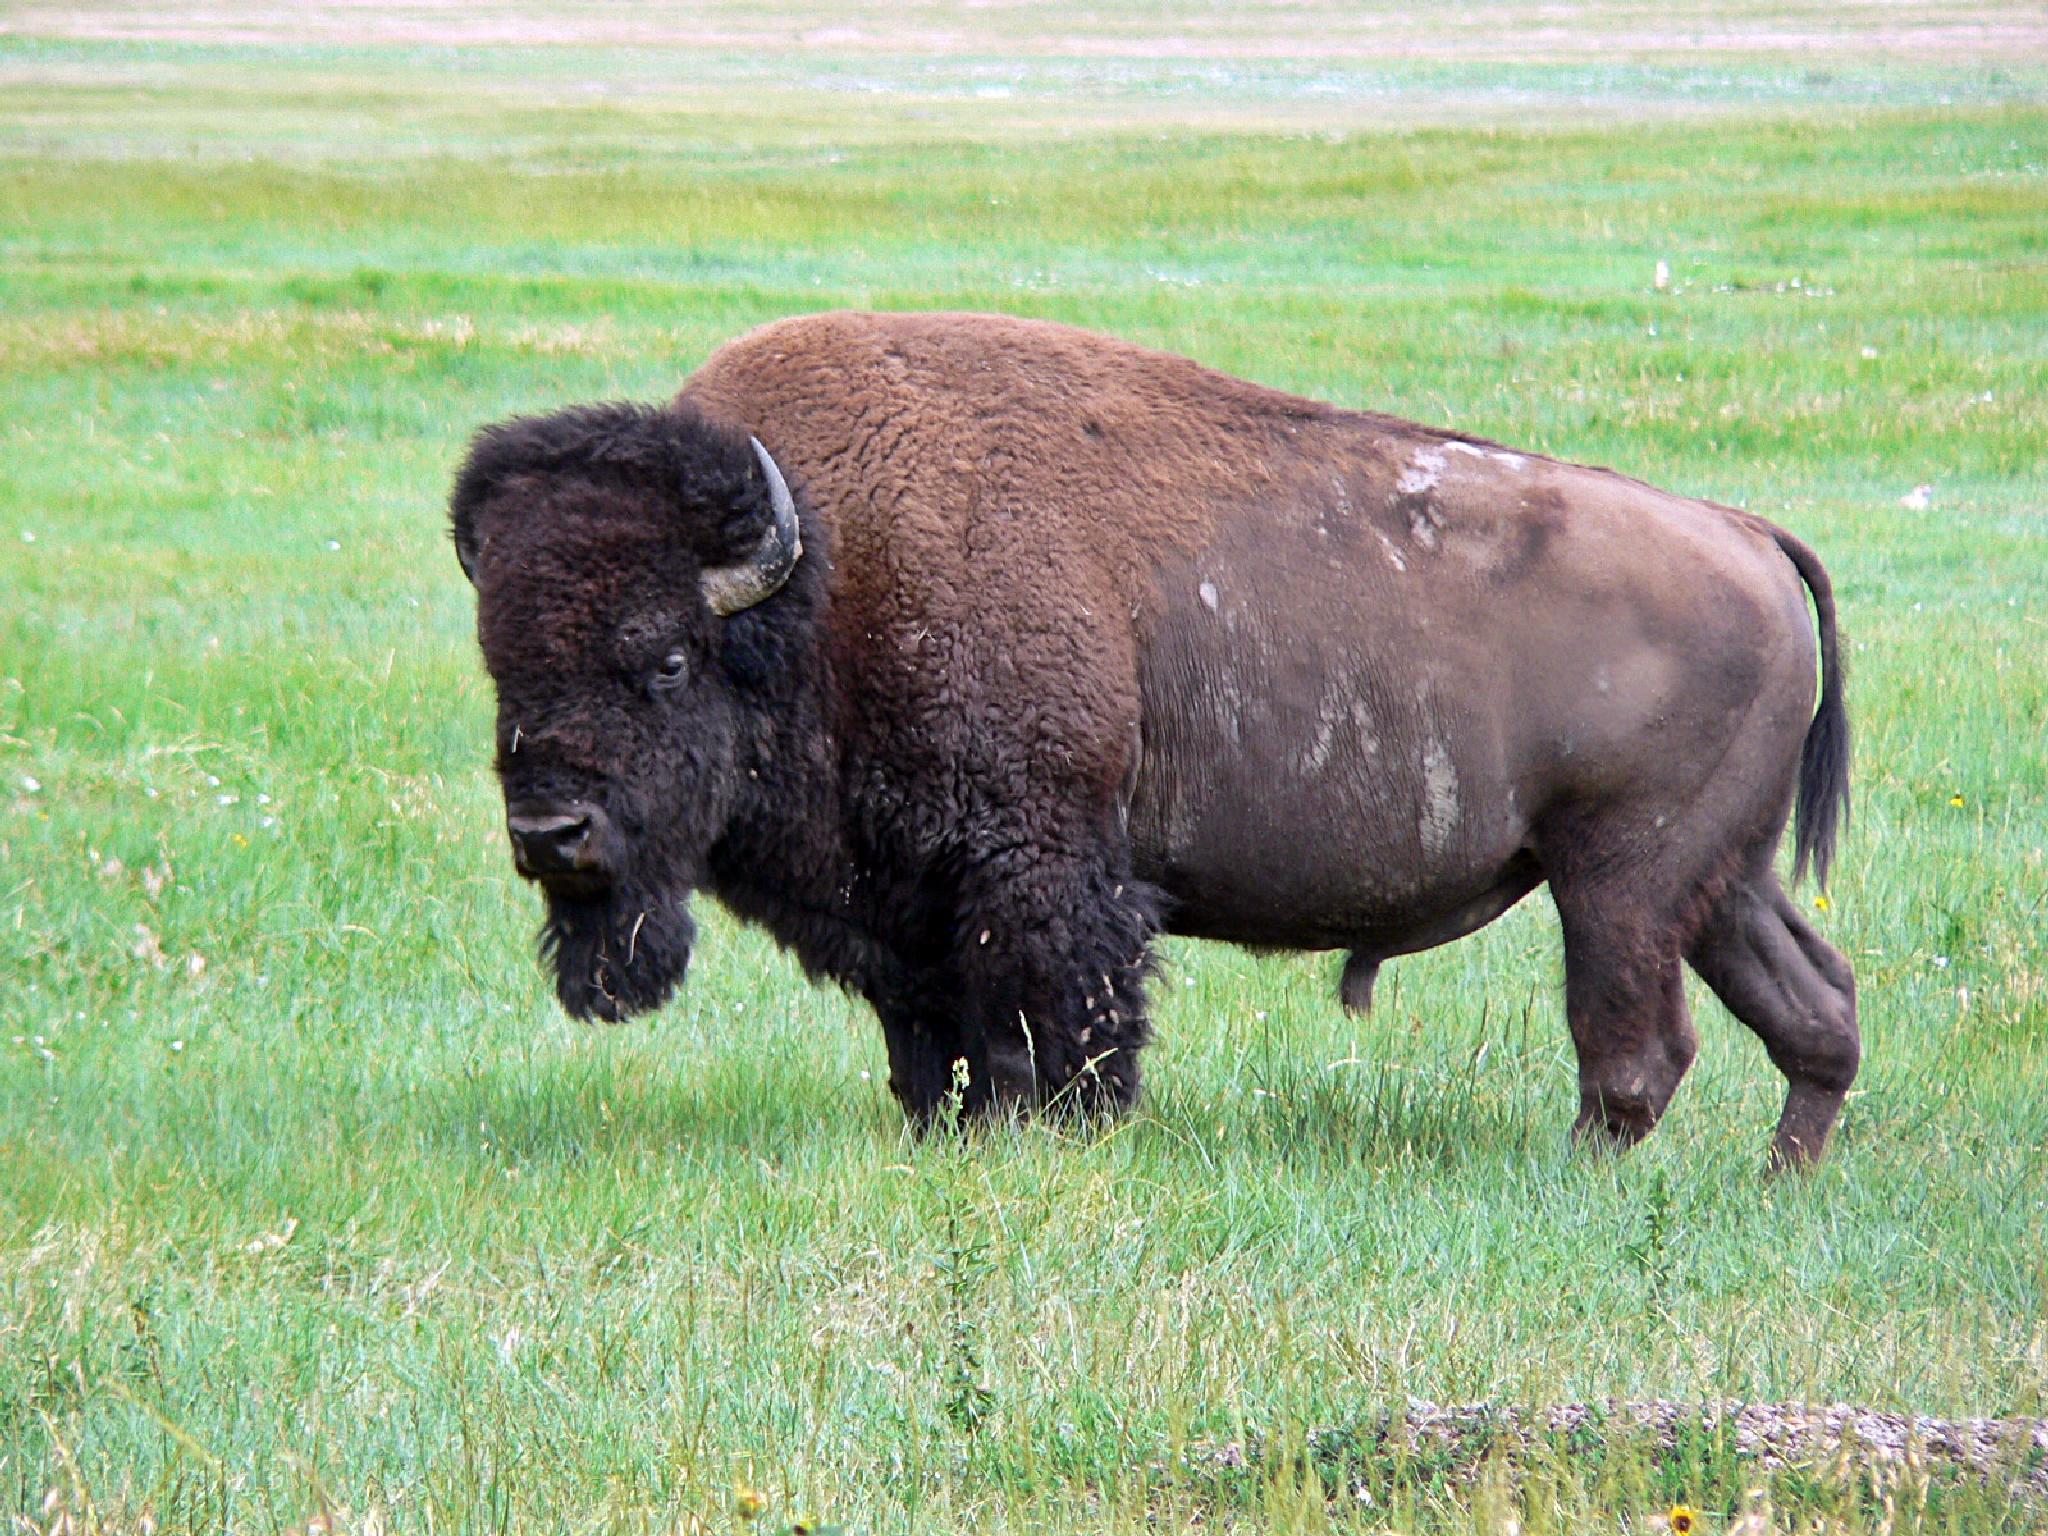 Buffalo by John Østergaard